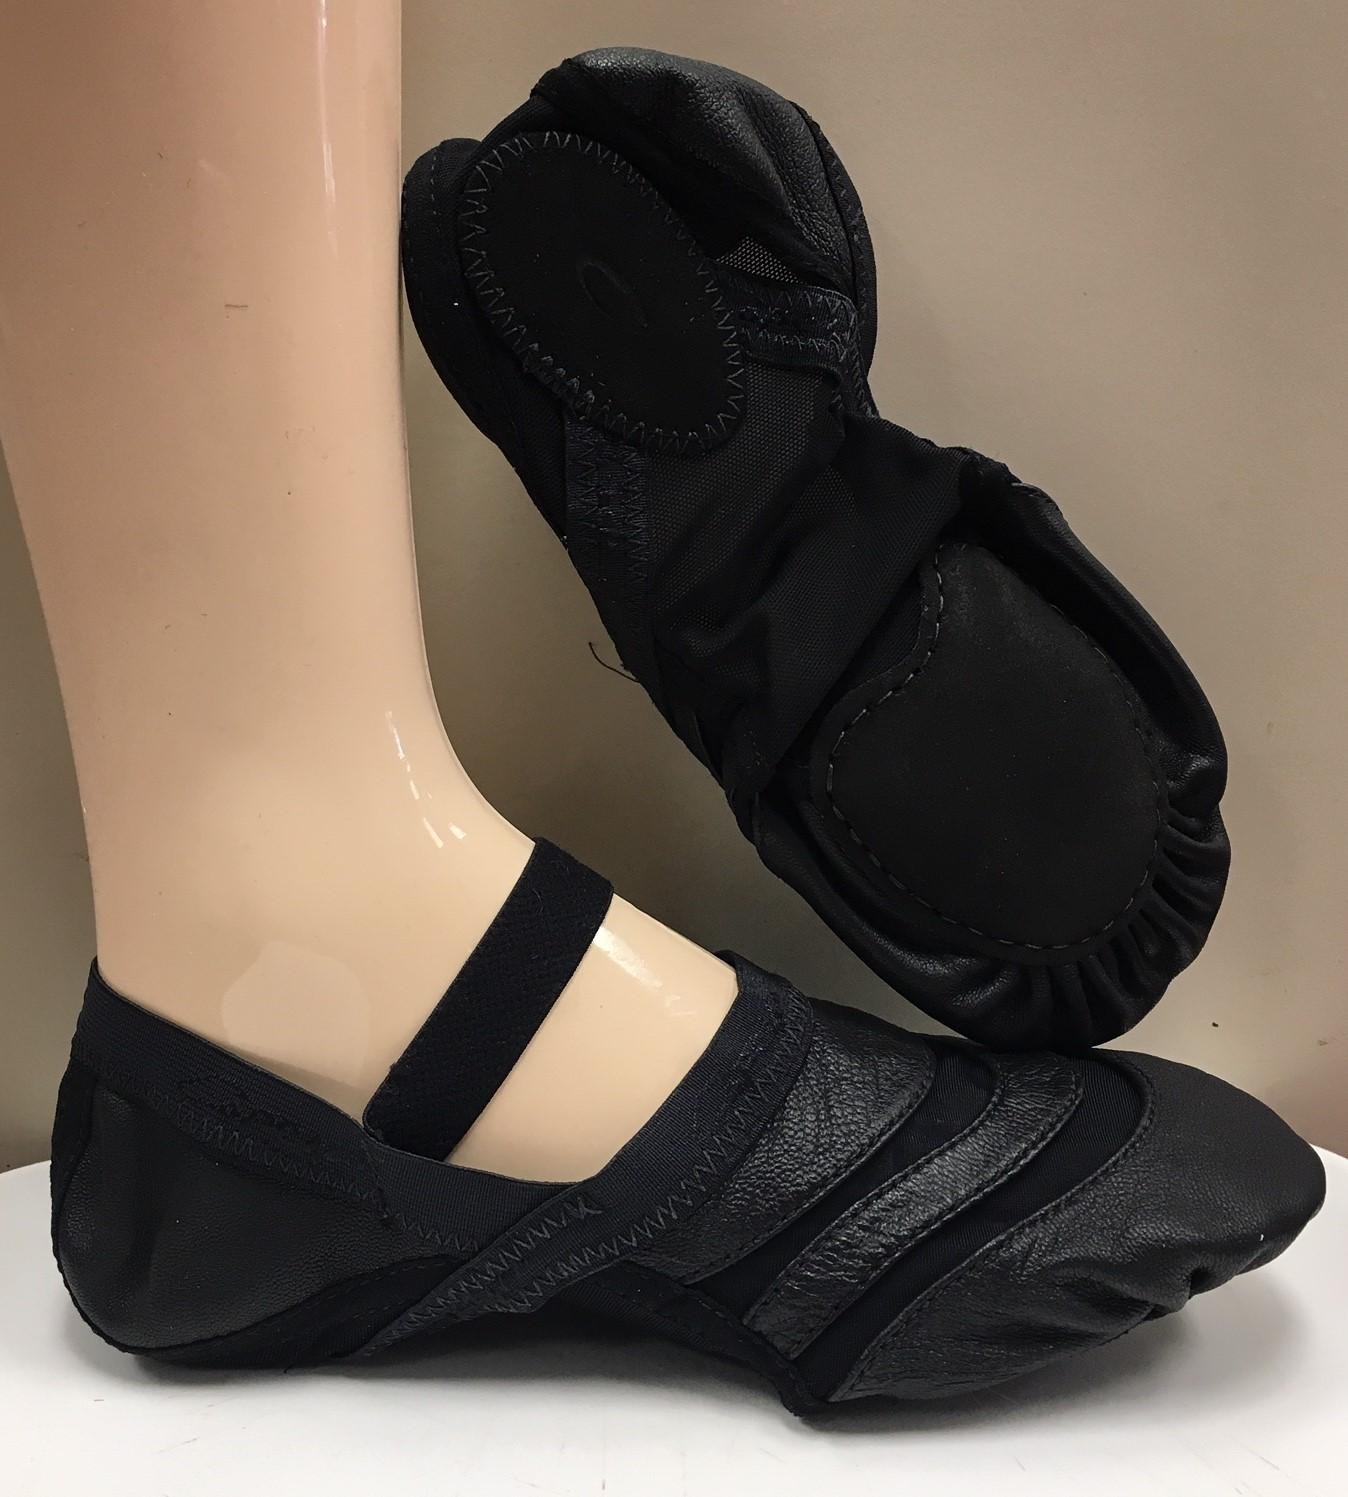 Capezio Women's Freeform Multi Purpose Shoes